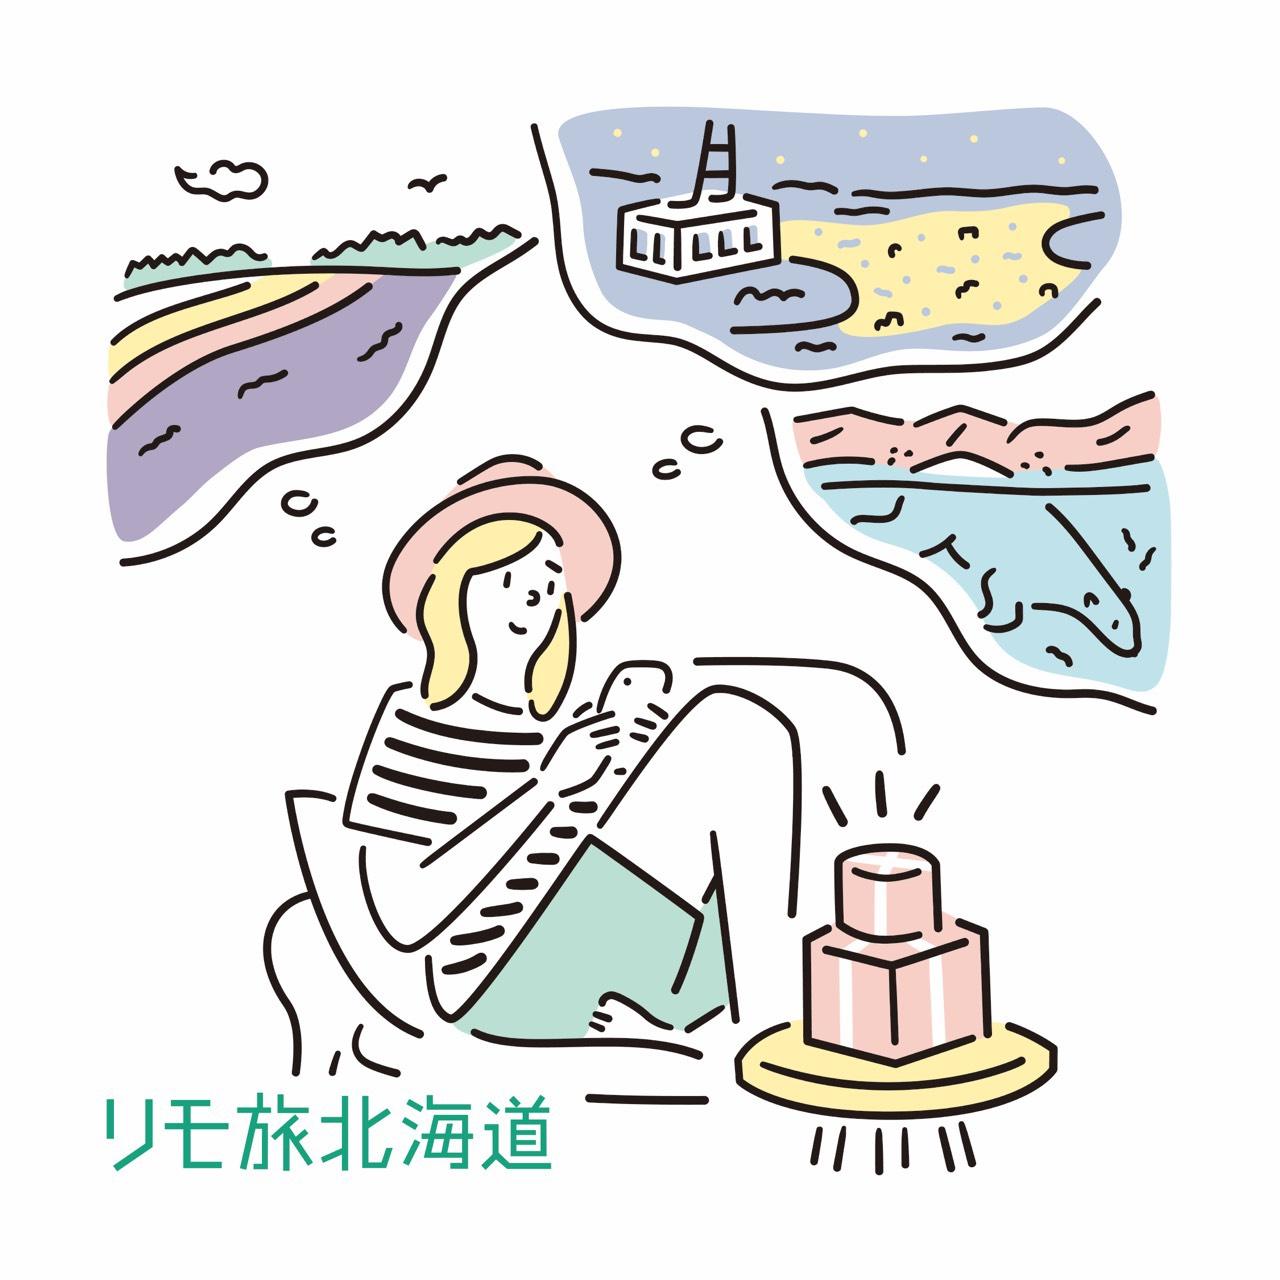 「リモ旅北海道」キャンペーン開催中です!